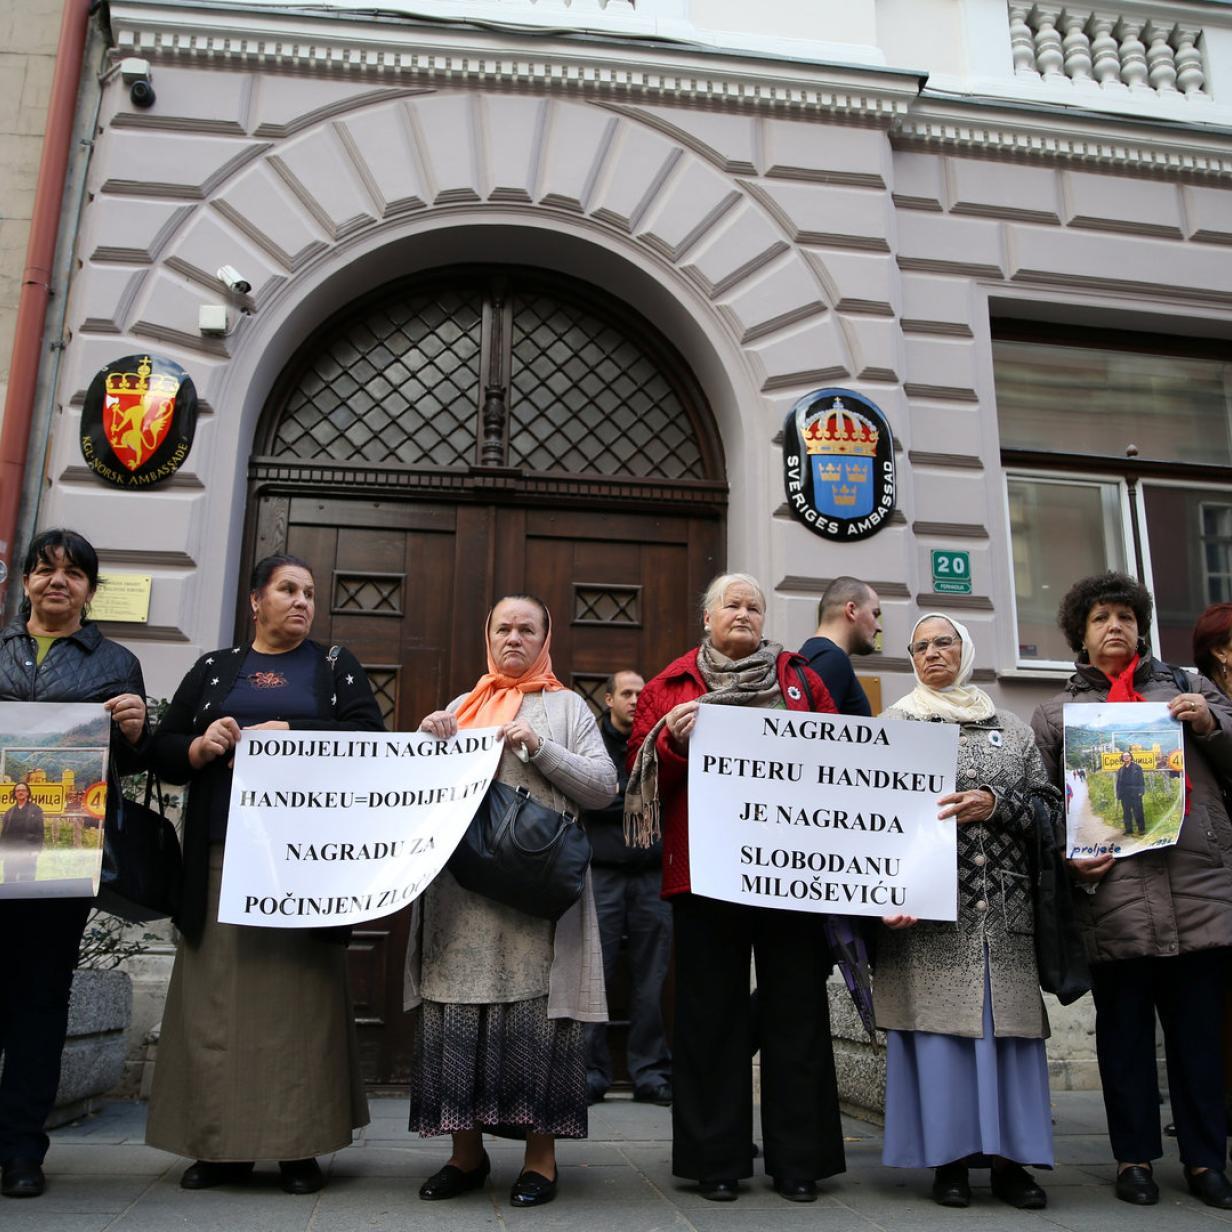 Nobelpreis für Peter Handke: Gerechtigkeit für Bosnien